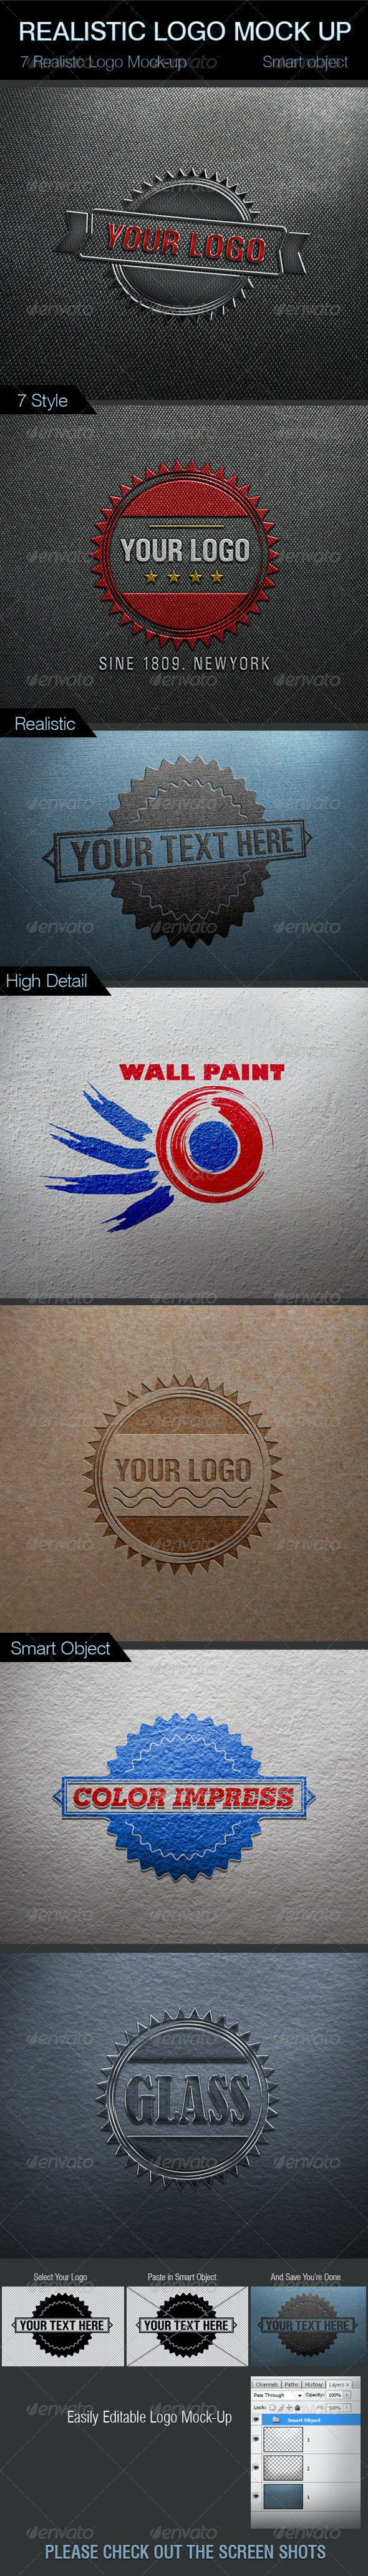 Realistic Logo Mock-Up - Logo Product Mock-Ups